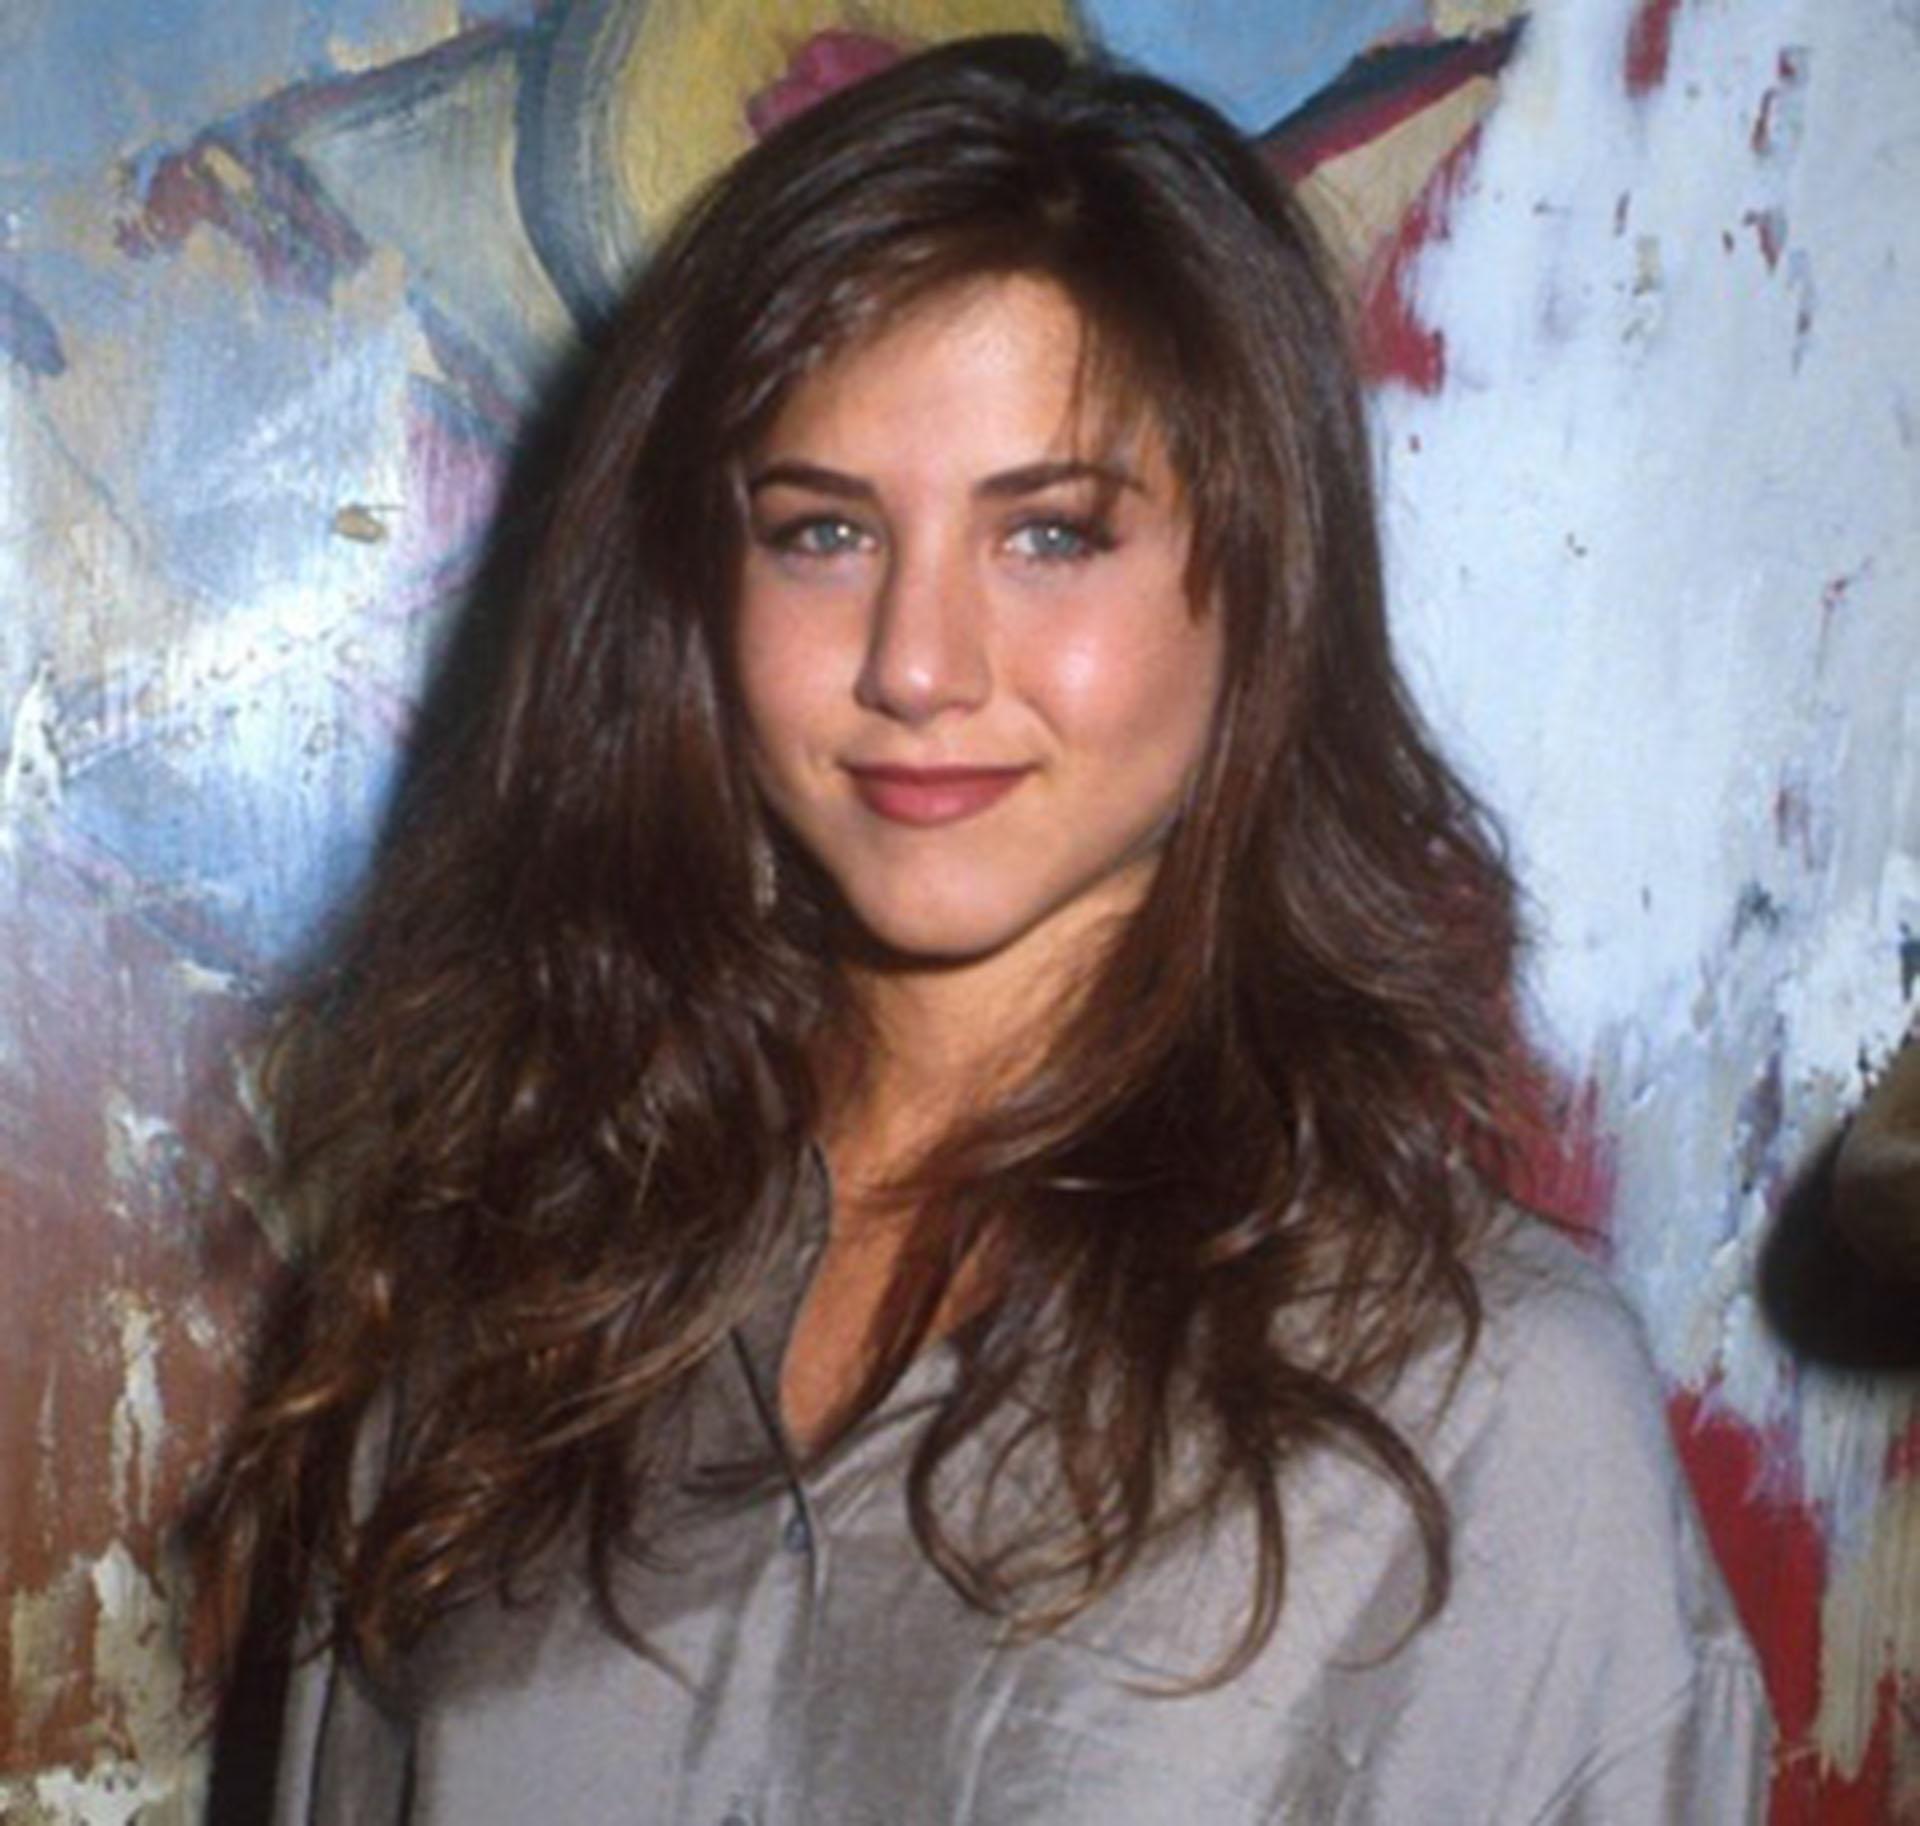 """Se convirtió en un ícono televisivo para siempre gracias a """"Friends"""" en los '90. Con 24 años de carrera, hoy sigue siendo la estrellas más requerida en la industria"""